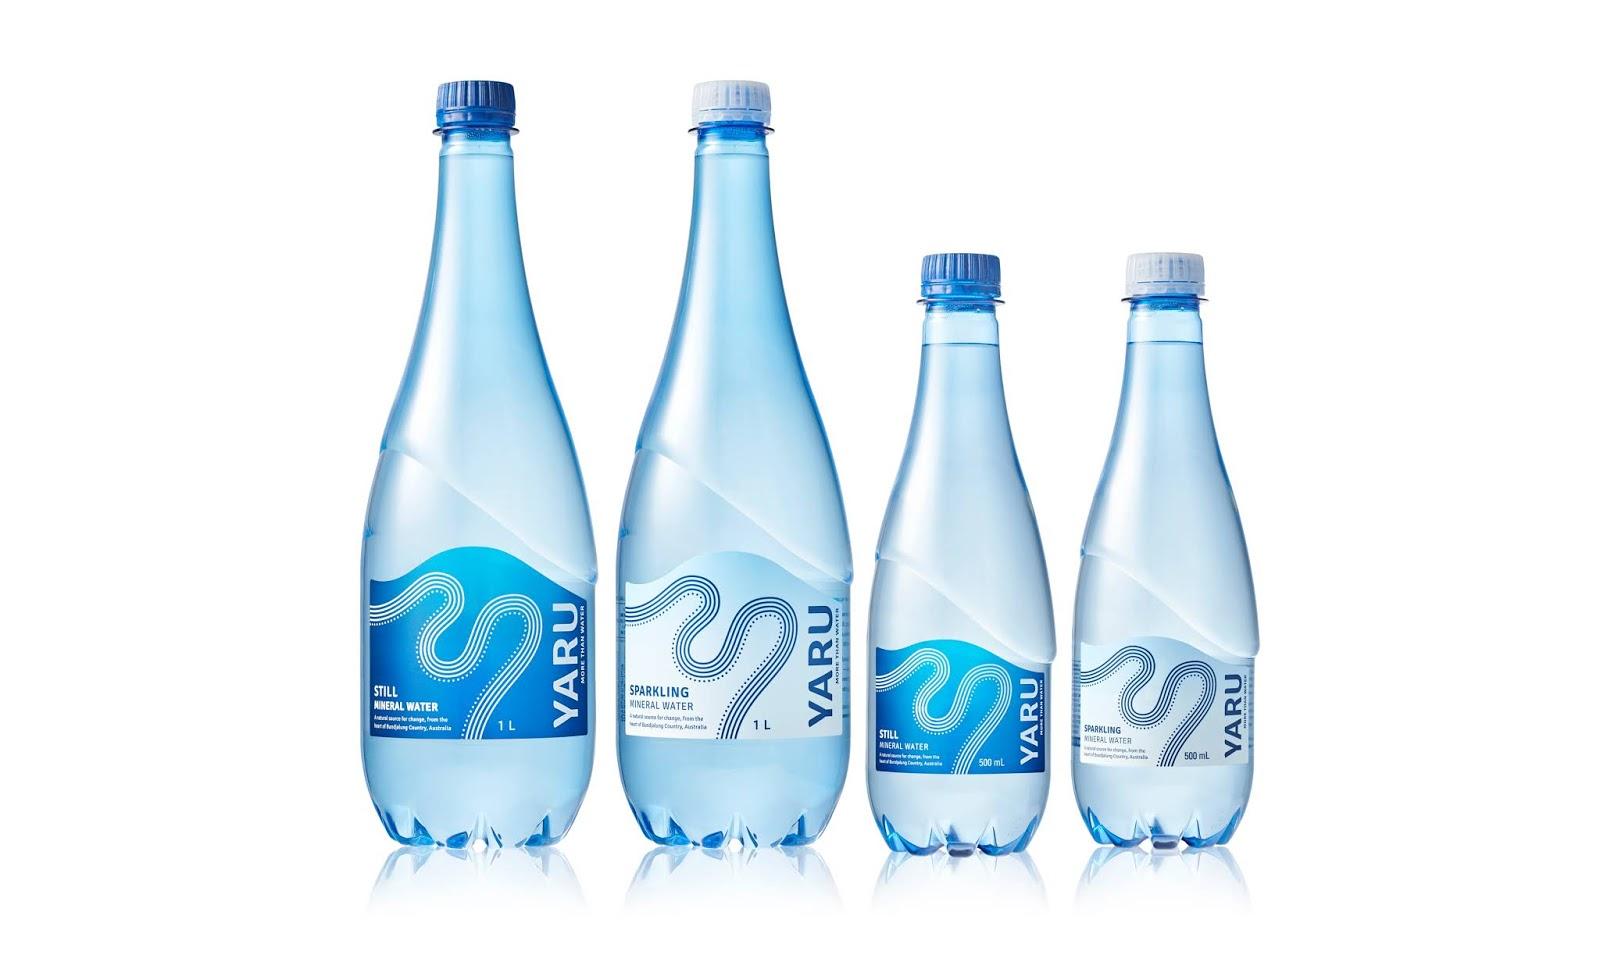 不仅仅是水 澳大利亚Yaru纯净水包装